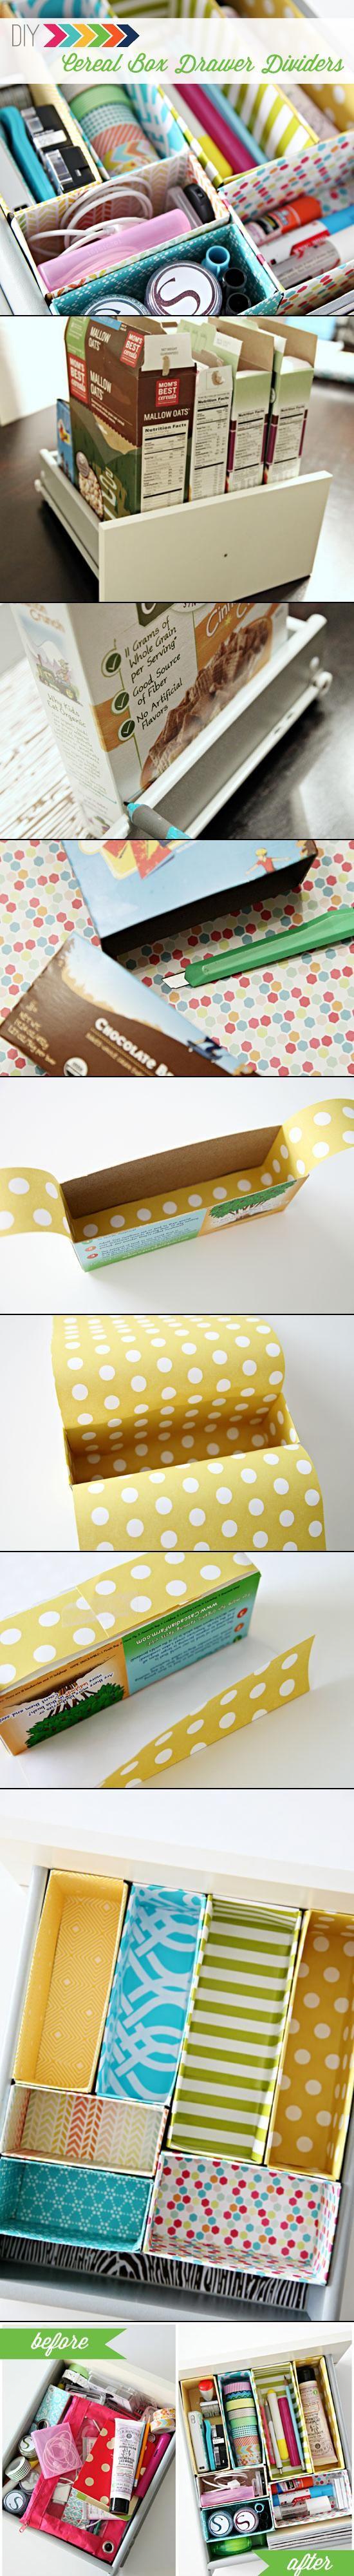 """DIY Cereal Box Drawer . Avec les boîtes de """"Pain des fleurs"""" pour tout type de rangement"""